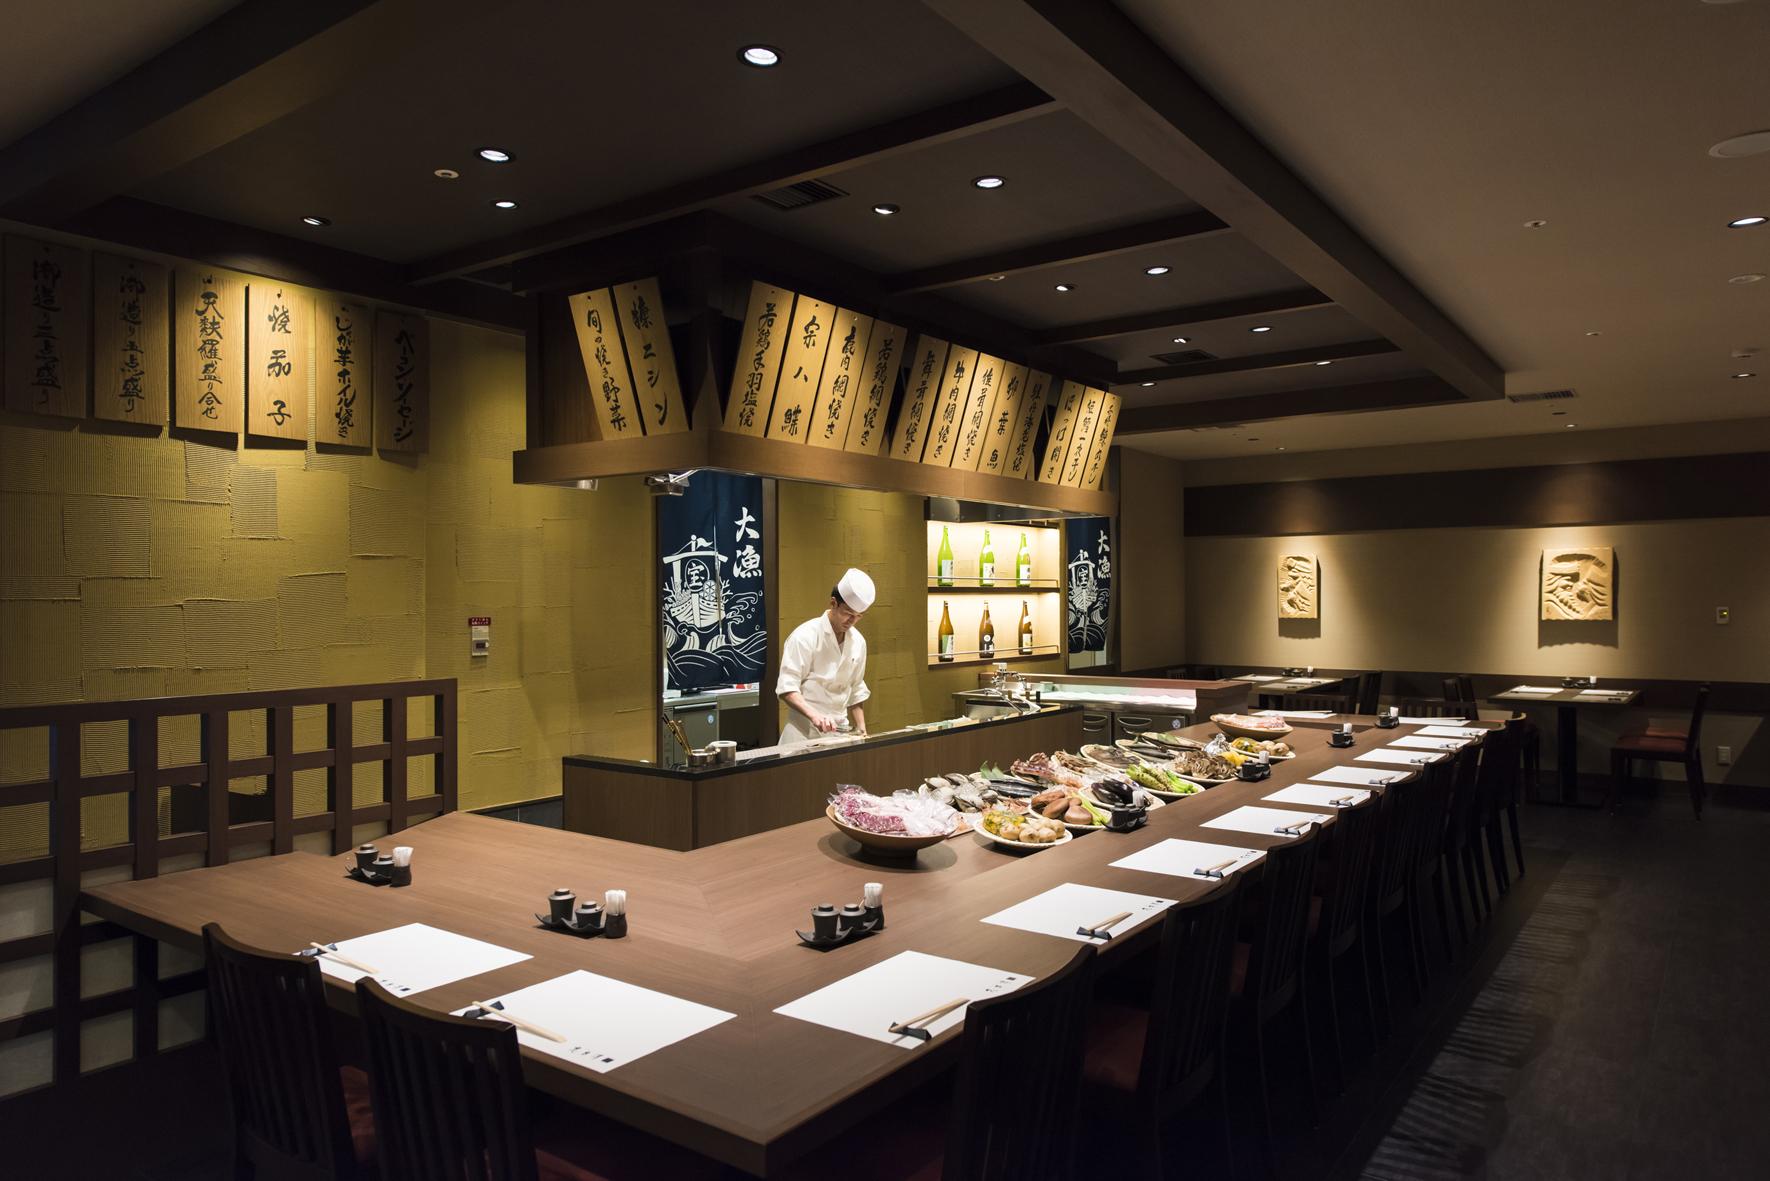 Shikotsu ANA Crowne Plaza Hotel